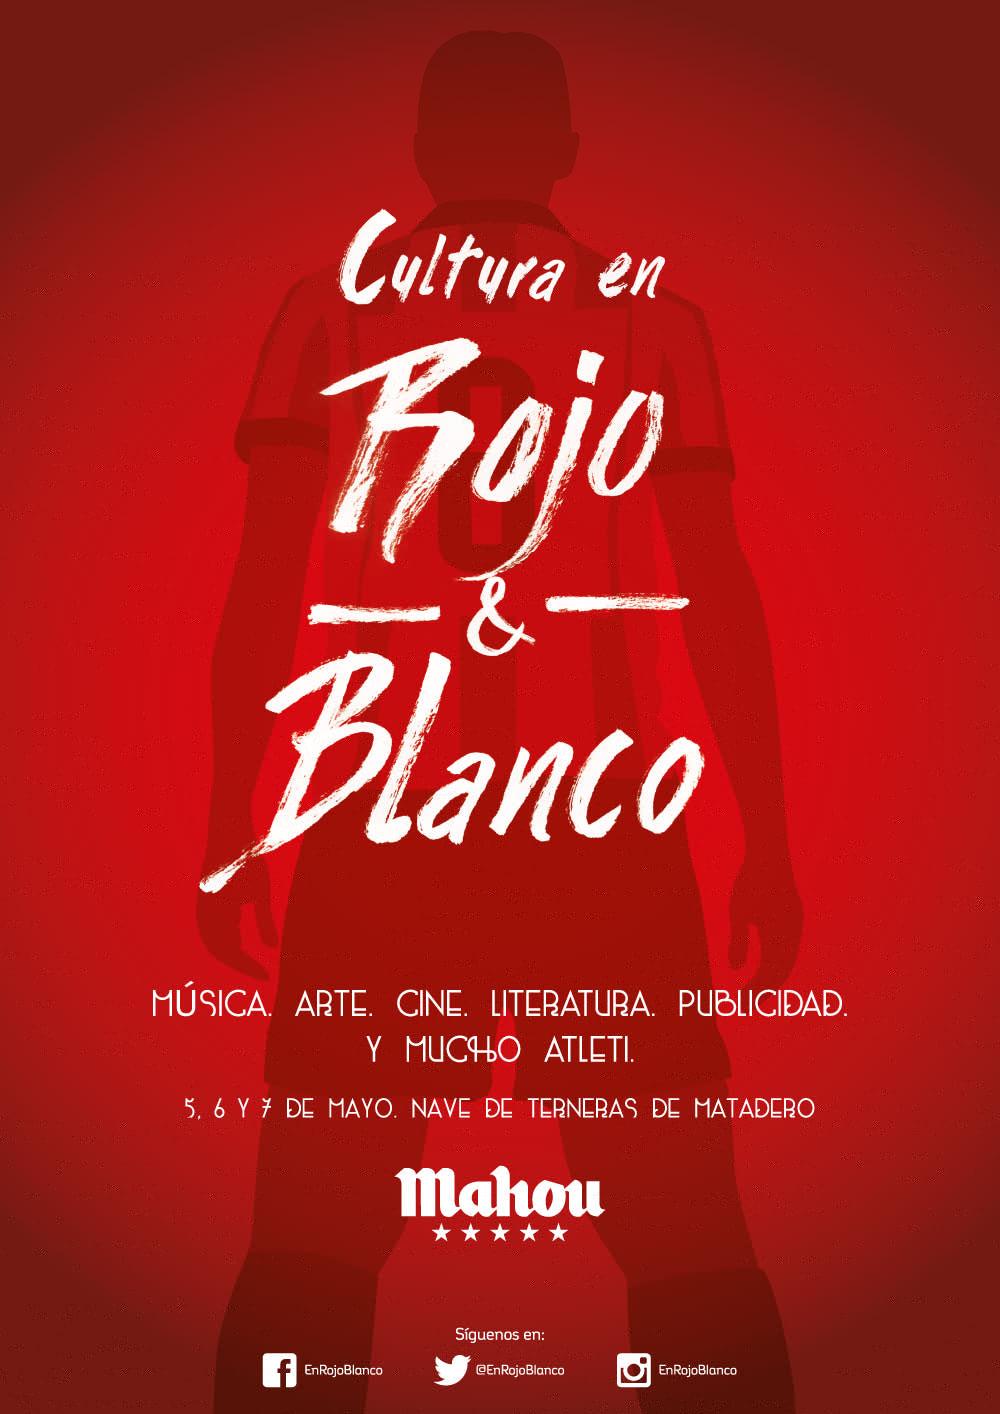 Cultura en Rojo y Blanco